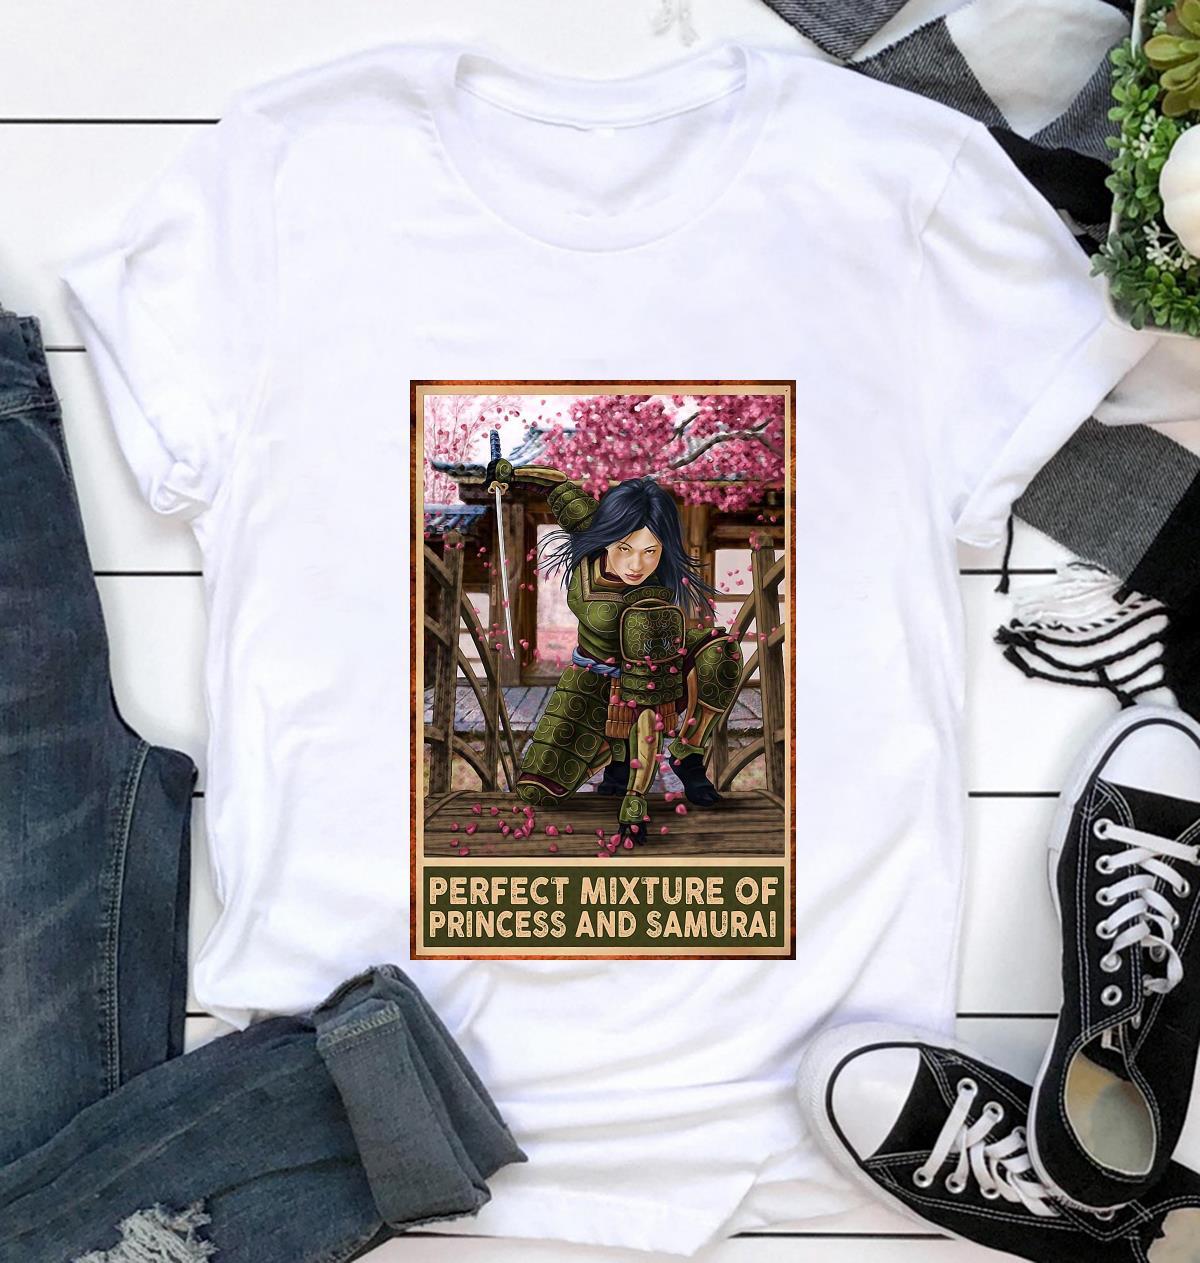 Perfect mixture of Princess and Samurai vertical poster t-shirt